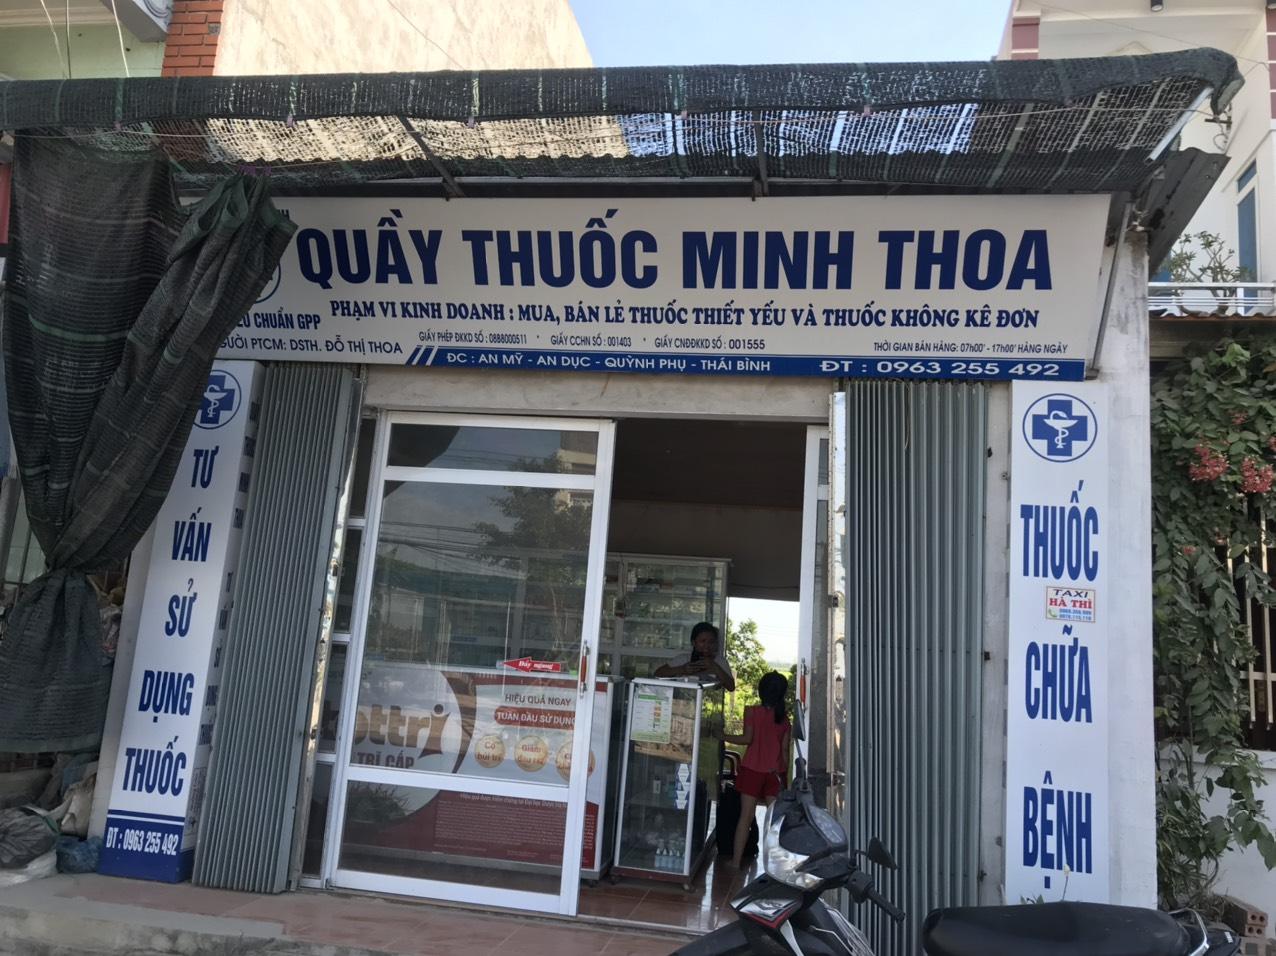 QT Minh Thoa